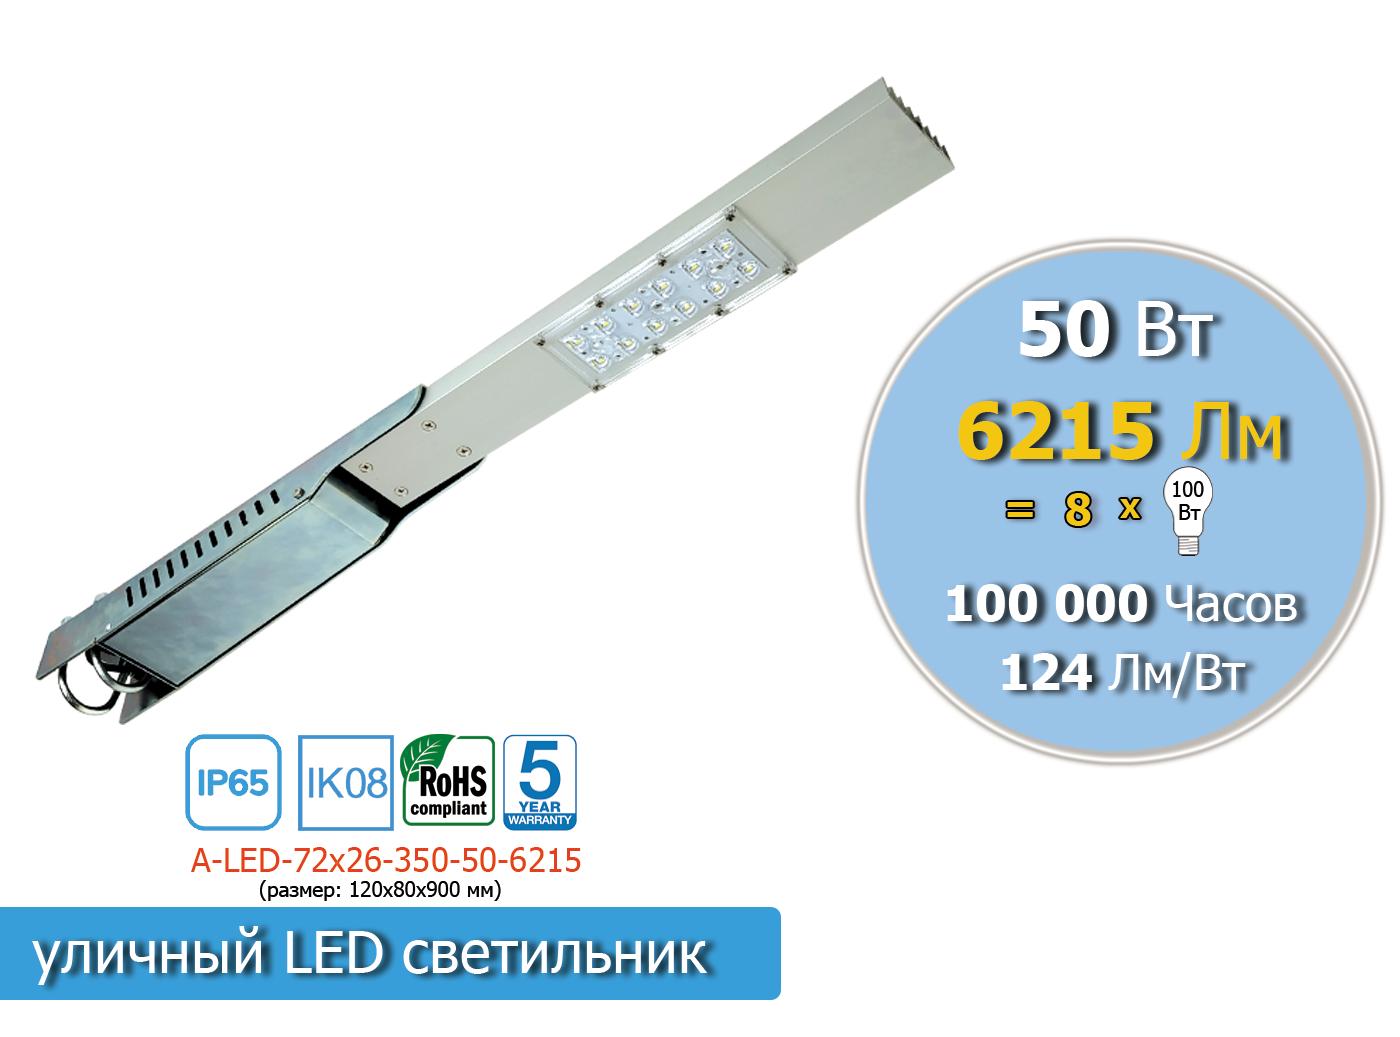 A-LED-72x26-500-50-6215-65